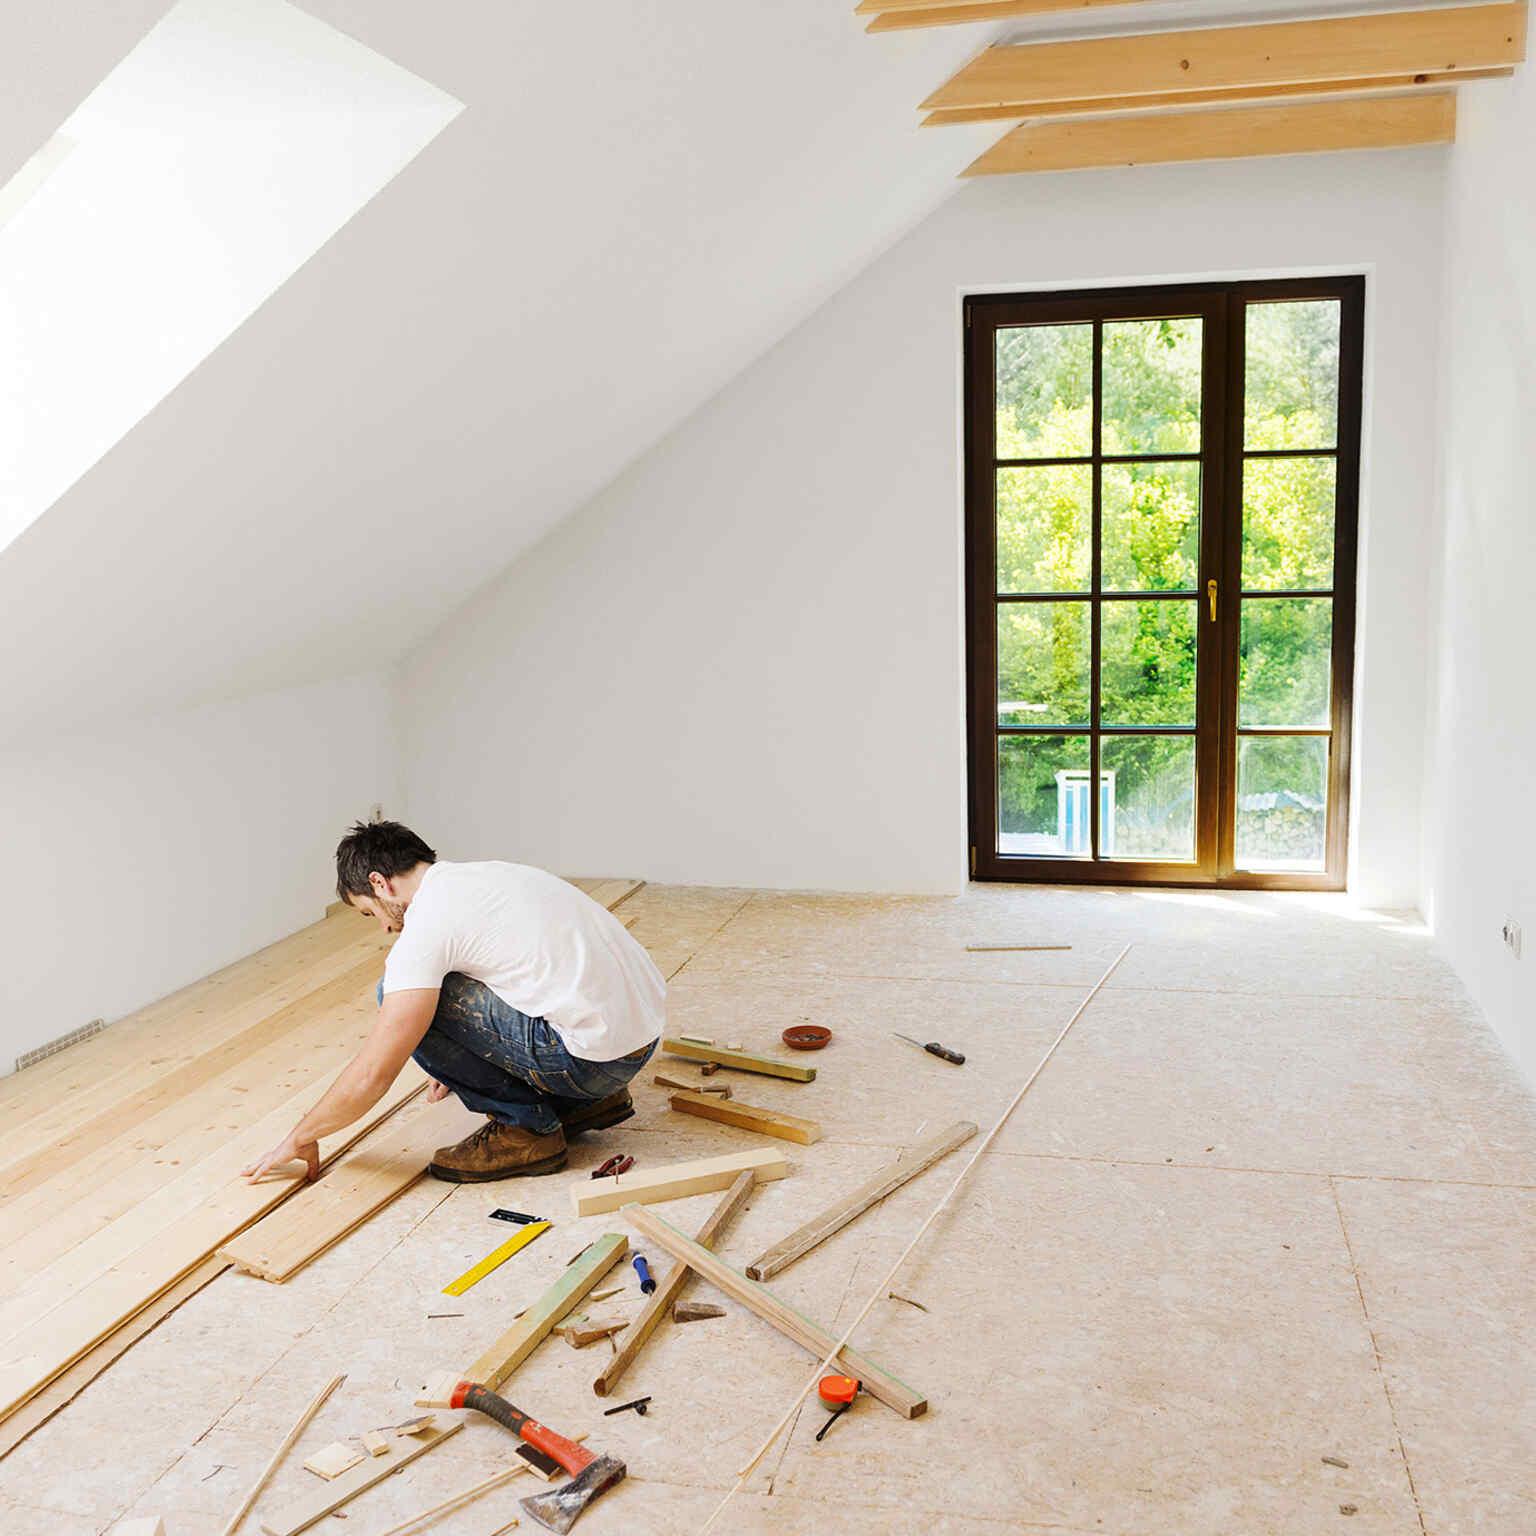 Haus bauen Schritte Nummer 4: Innenausbau